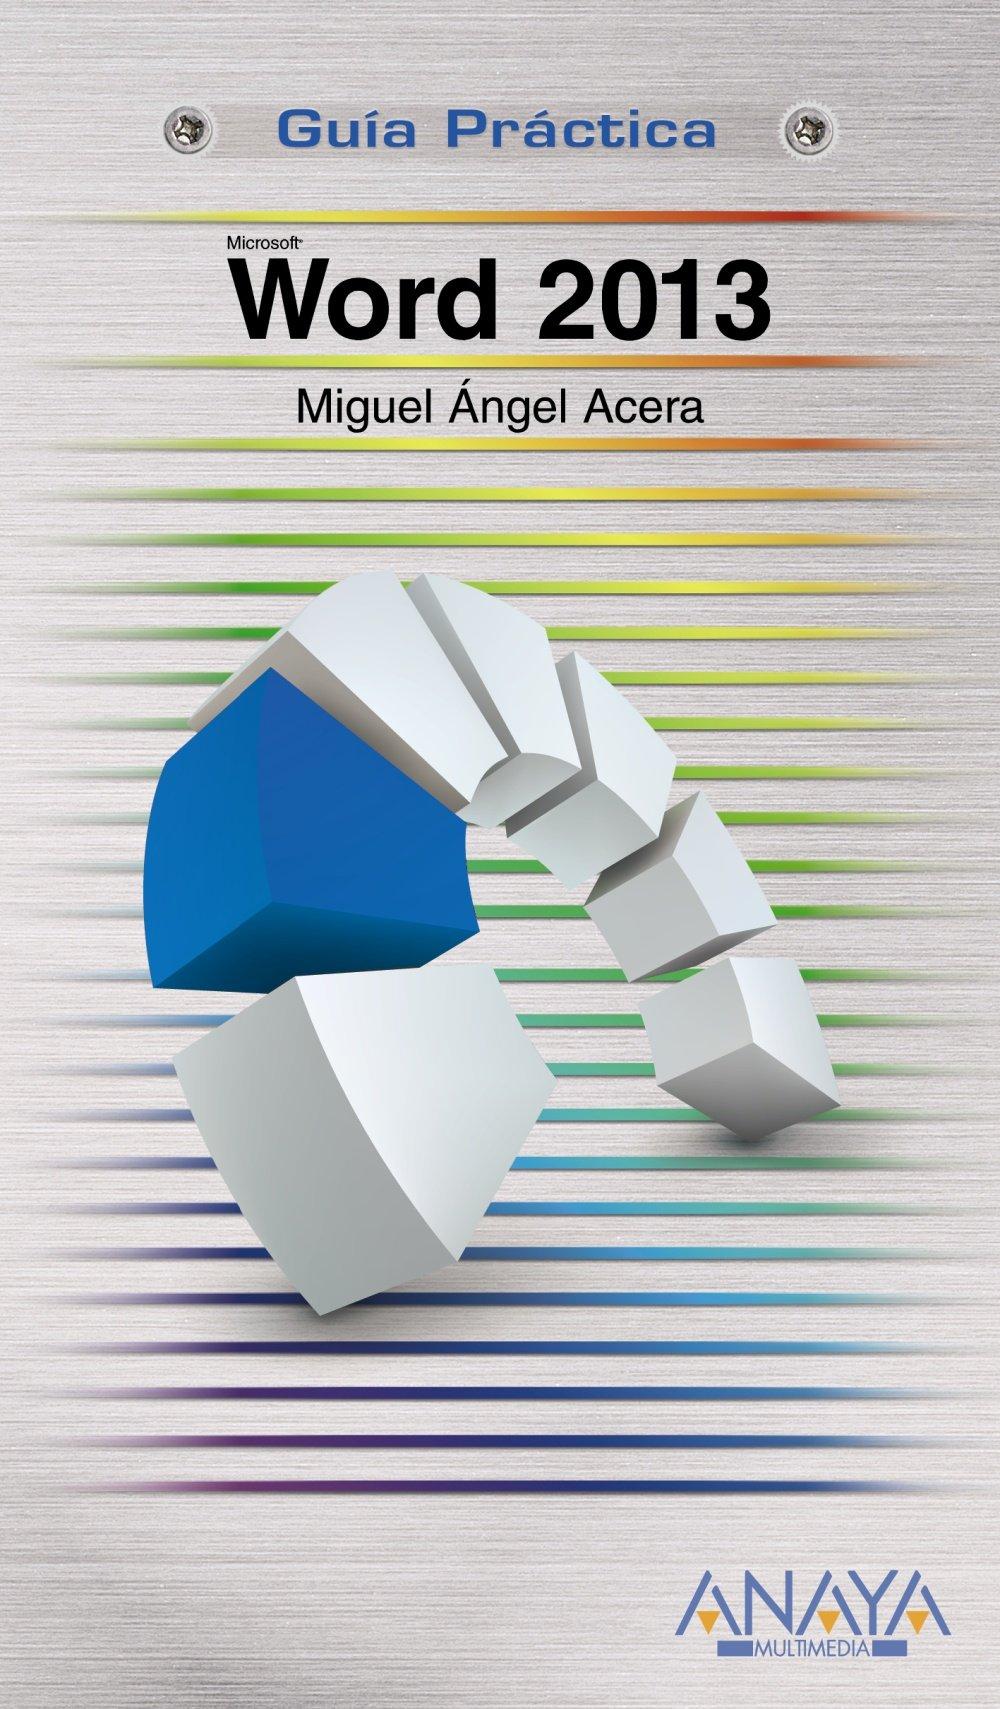 Word 2013 (Guías Prácticas): Amazon.es: Miguel Ángel Acera García: Libros